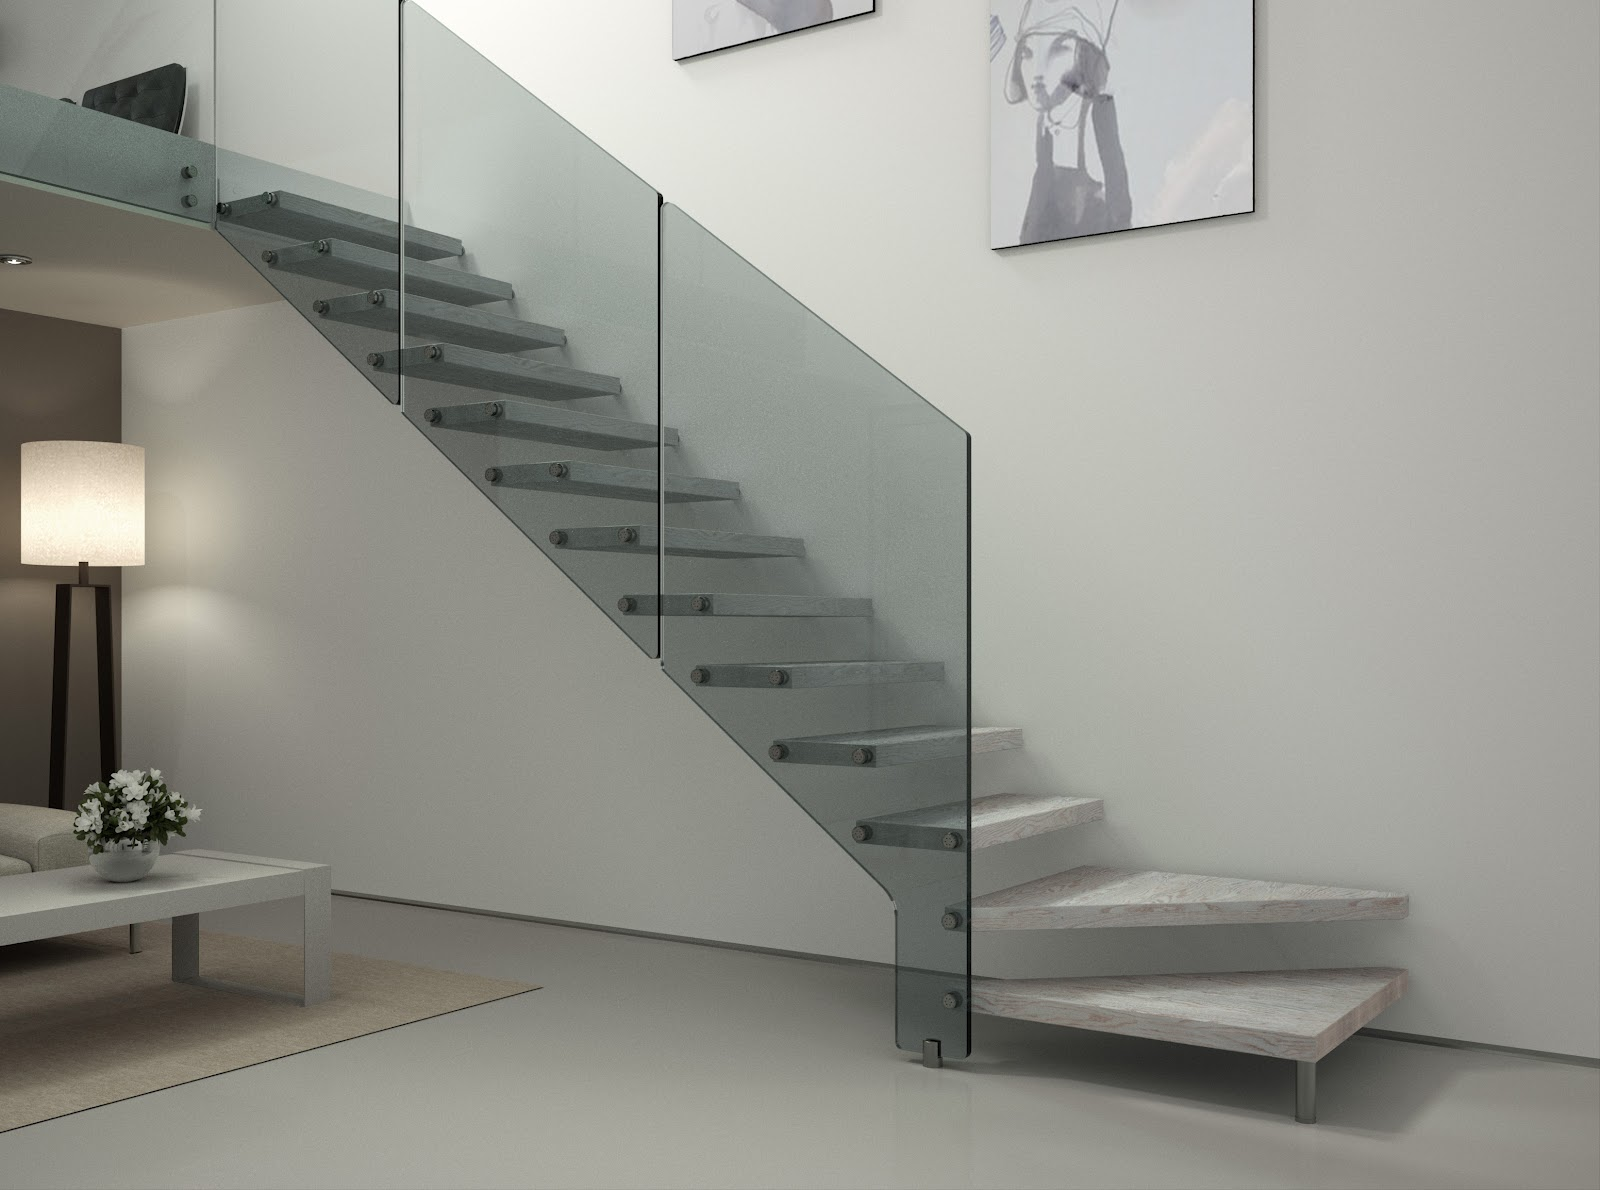 Barandillas y escaleras vidrosvazquez - Pasamanos de cristal ...